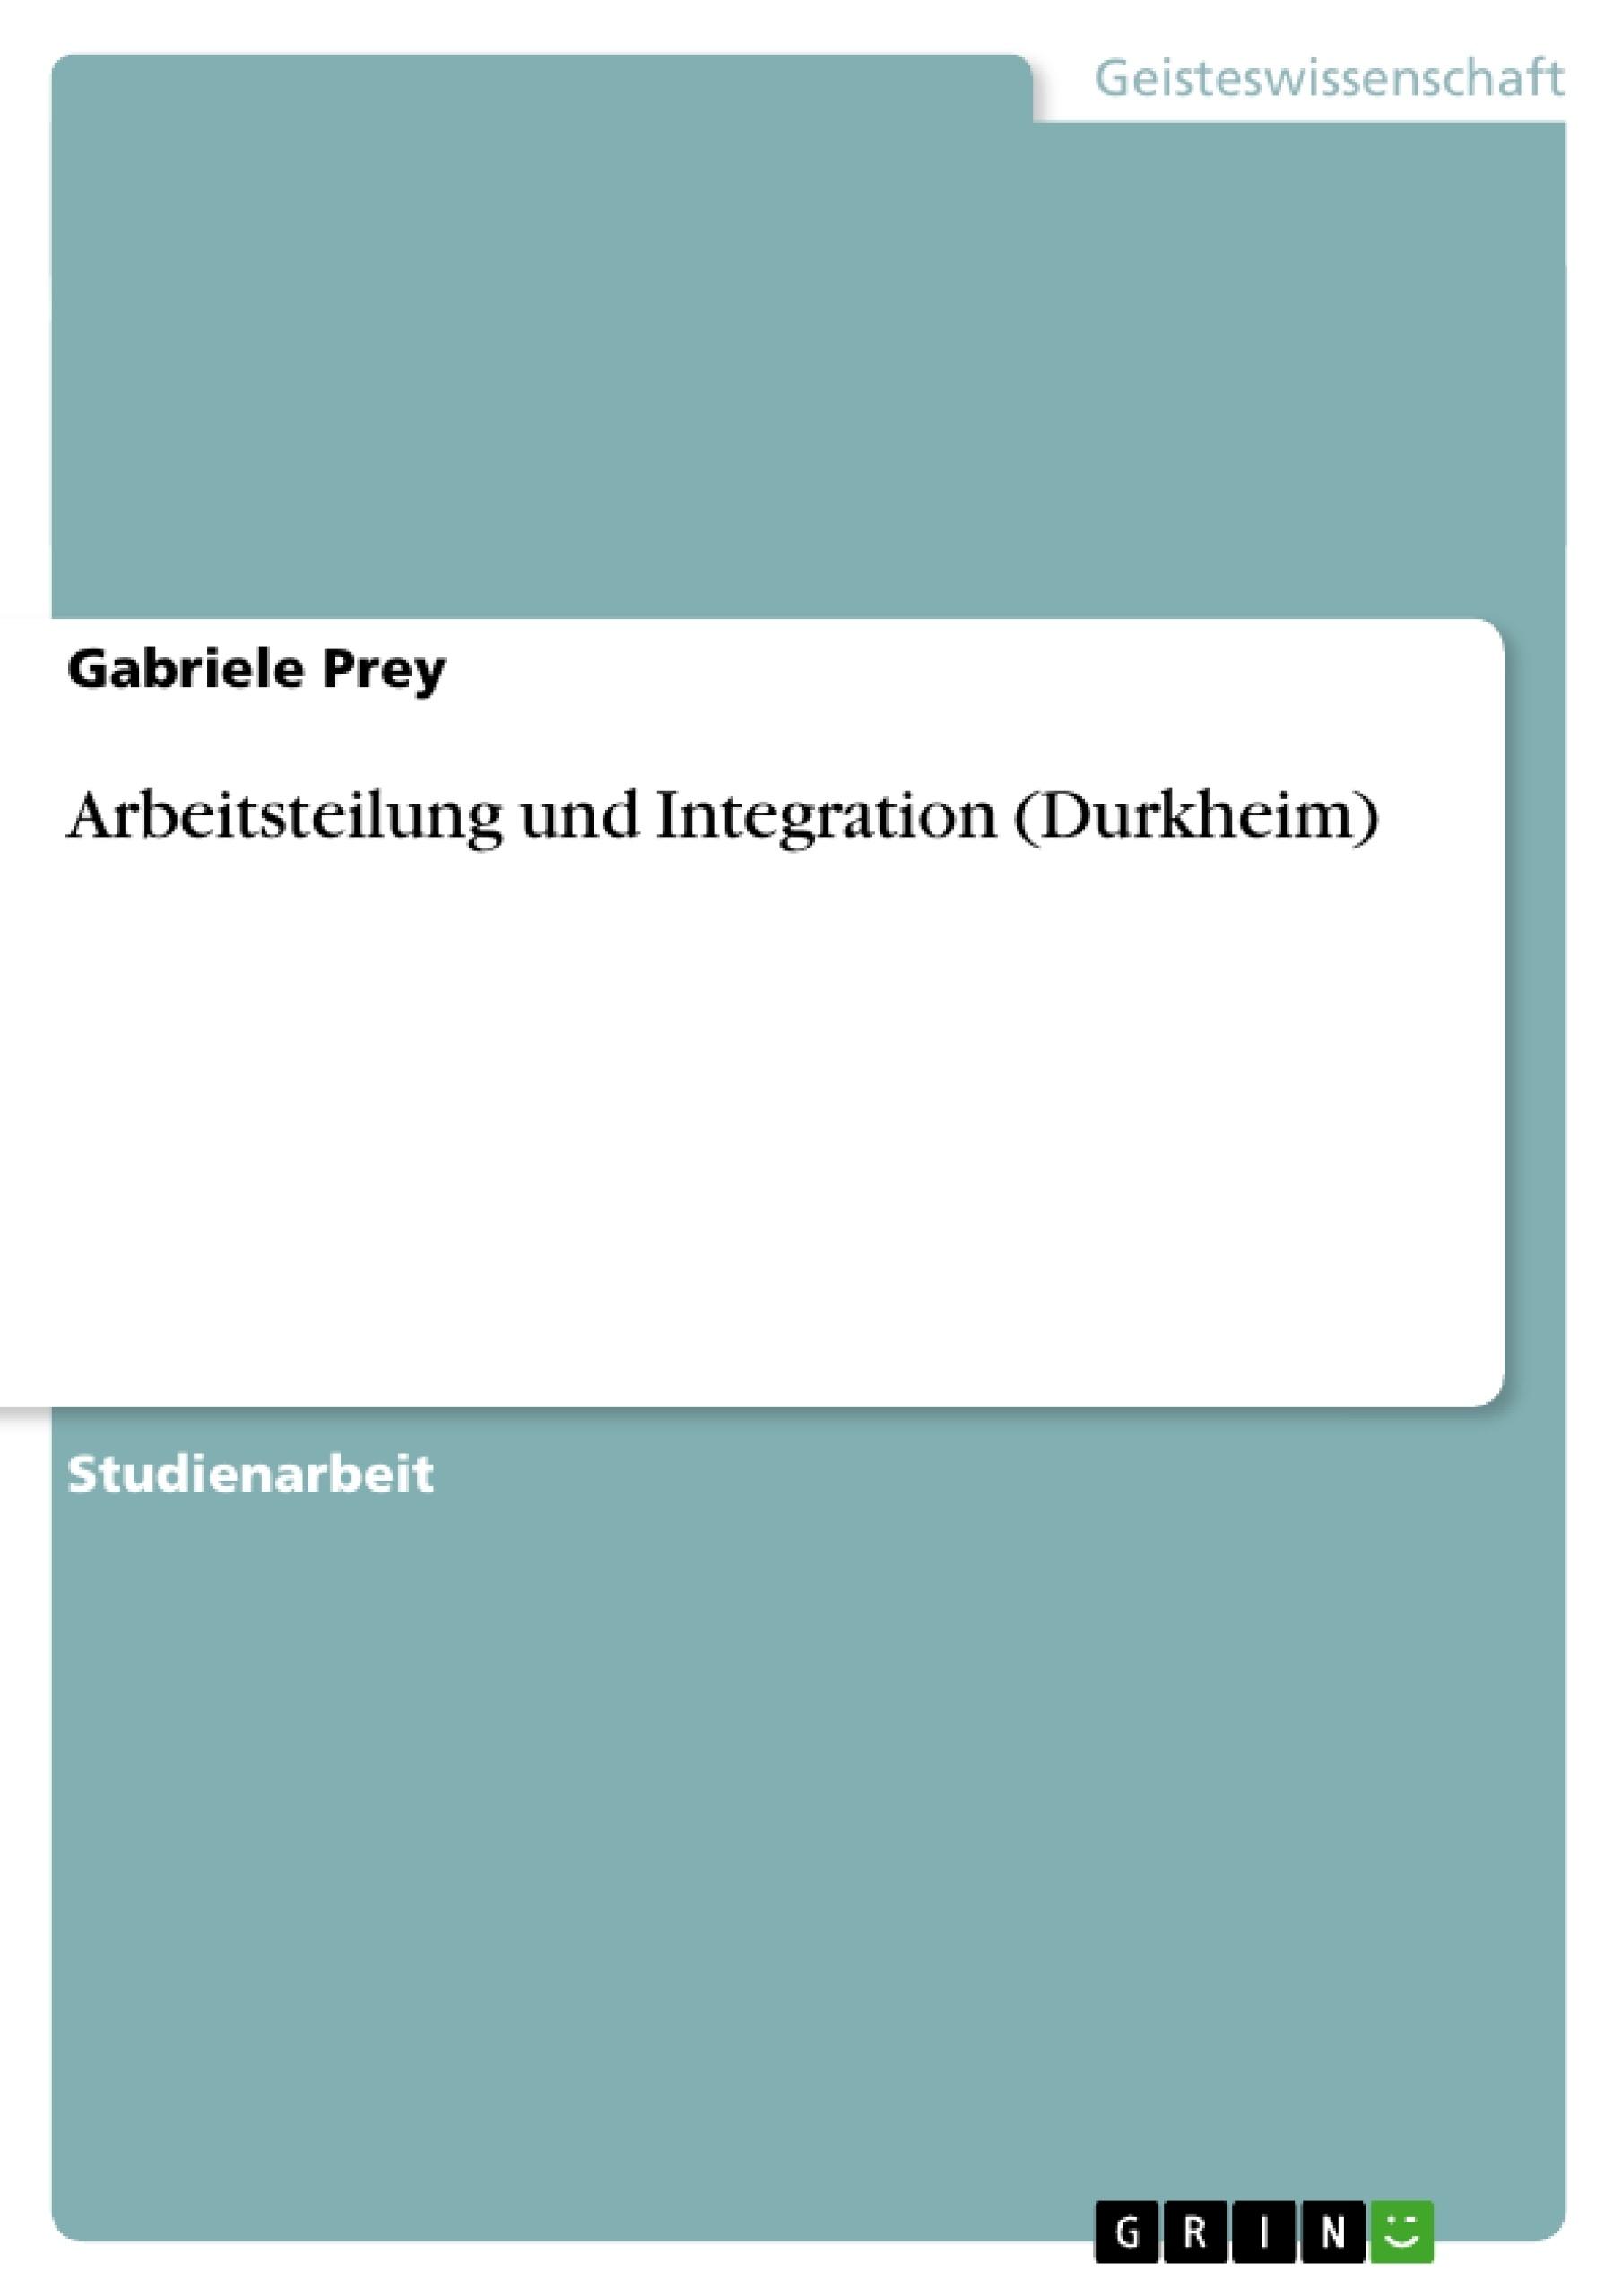 Titel: Arbeitsteilung und Integration (Durkheim)